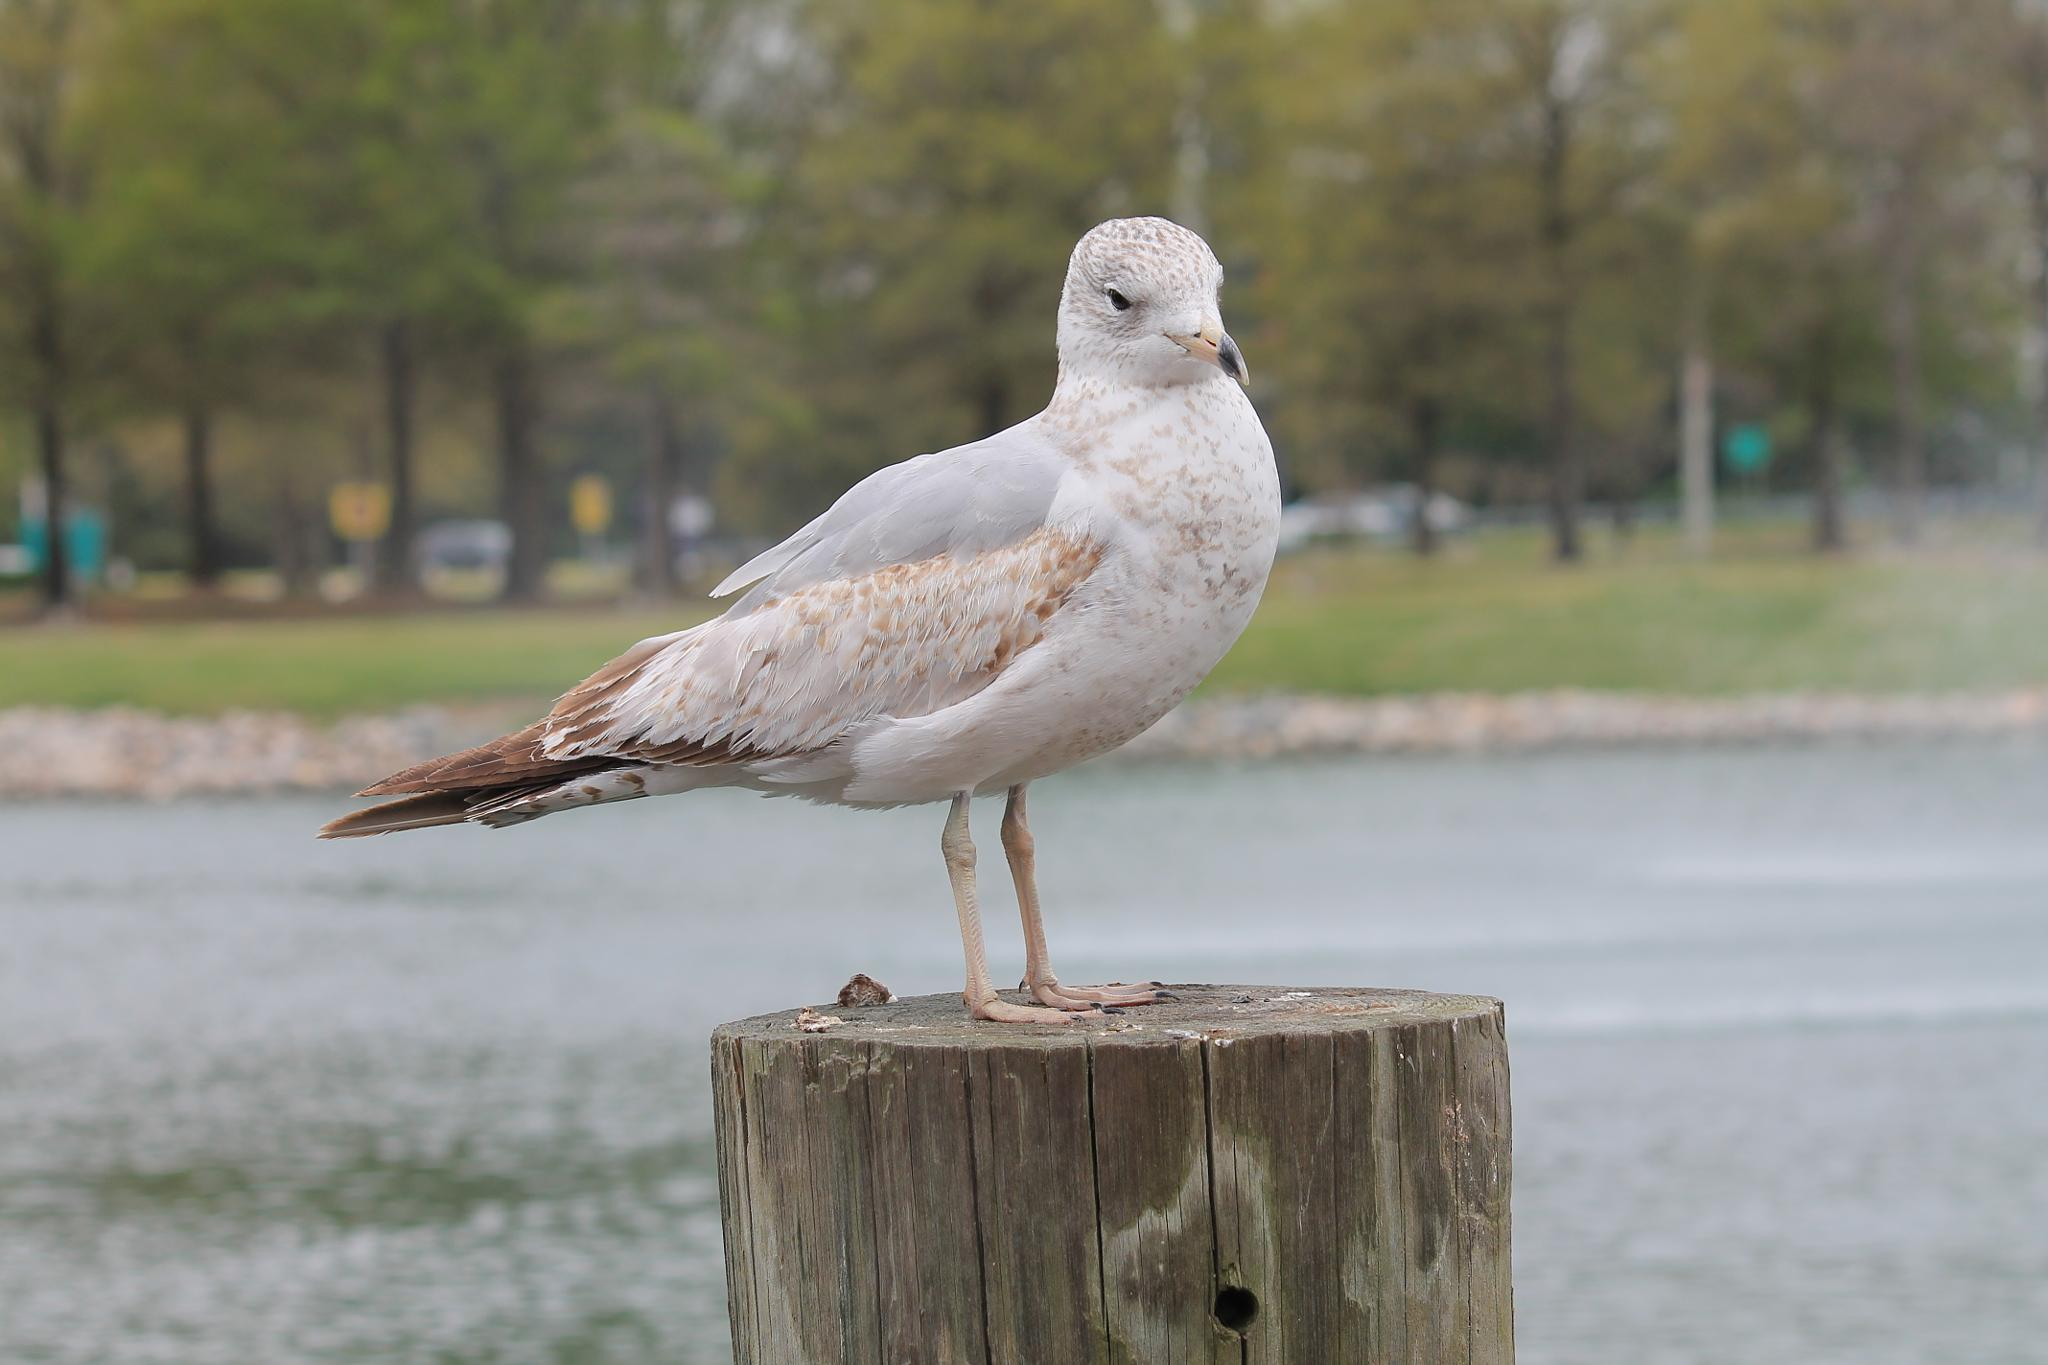 Seagull up close by Tamoa Dye